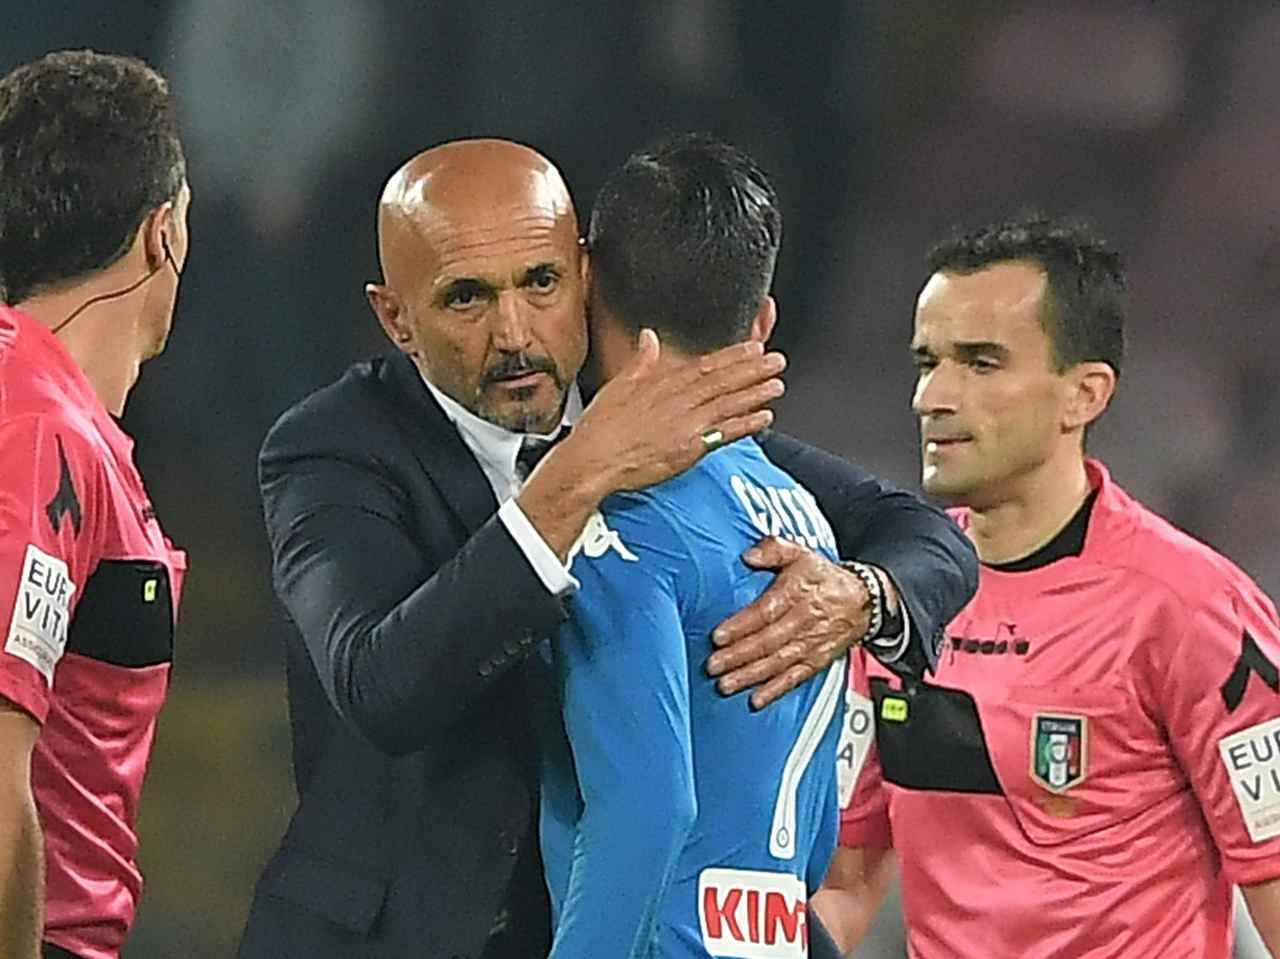 Calciomercato Napoli, colpo dalla Fiorentina